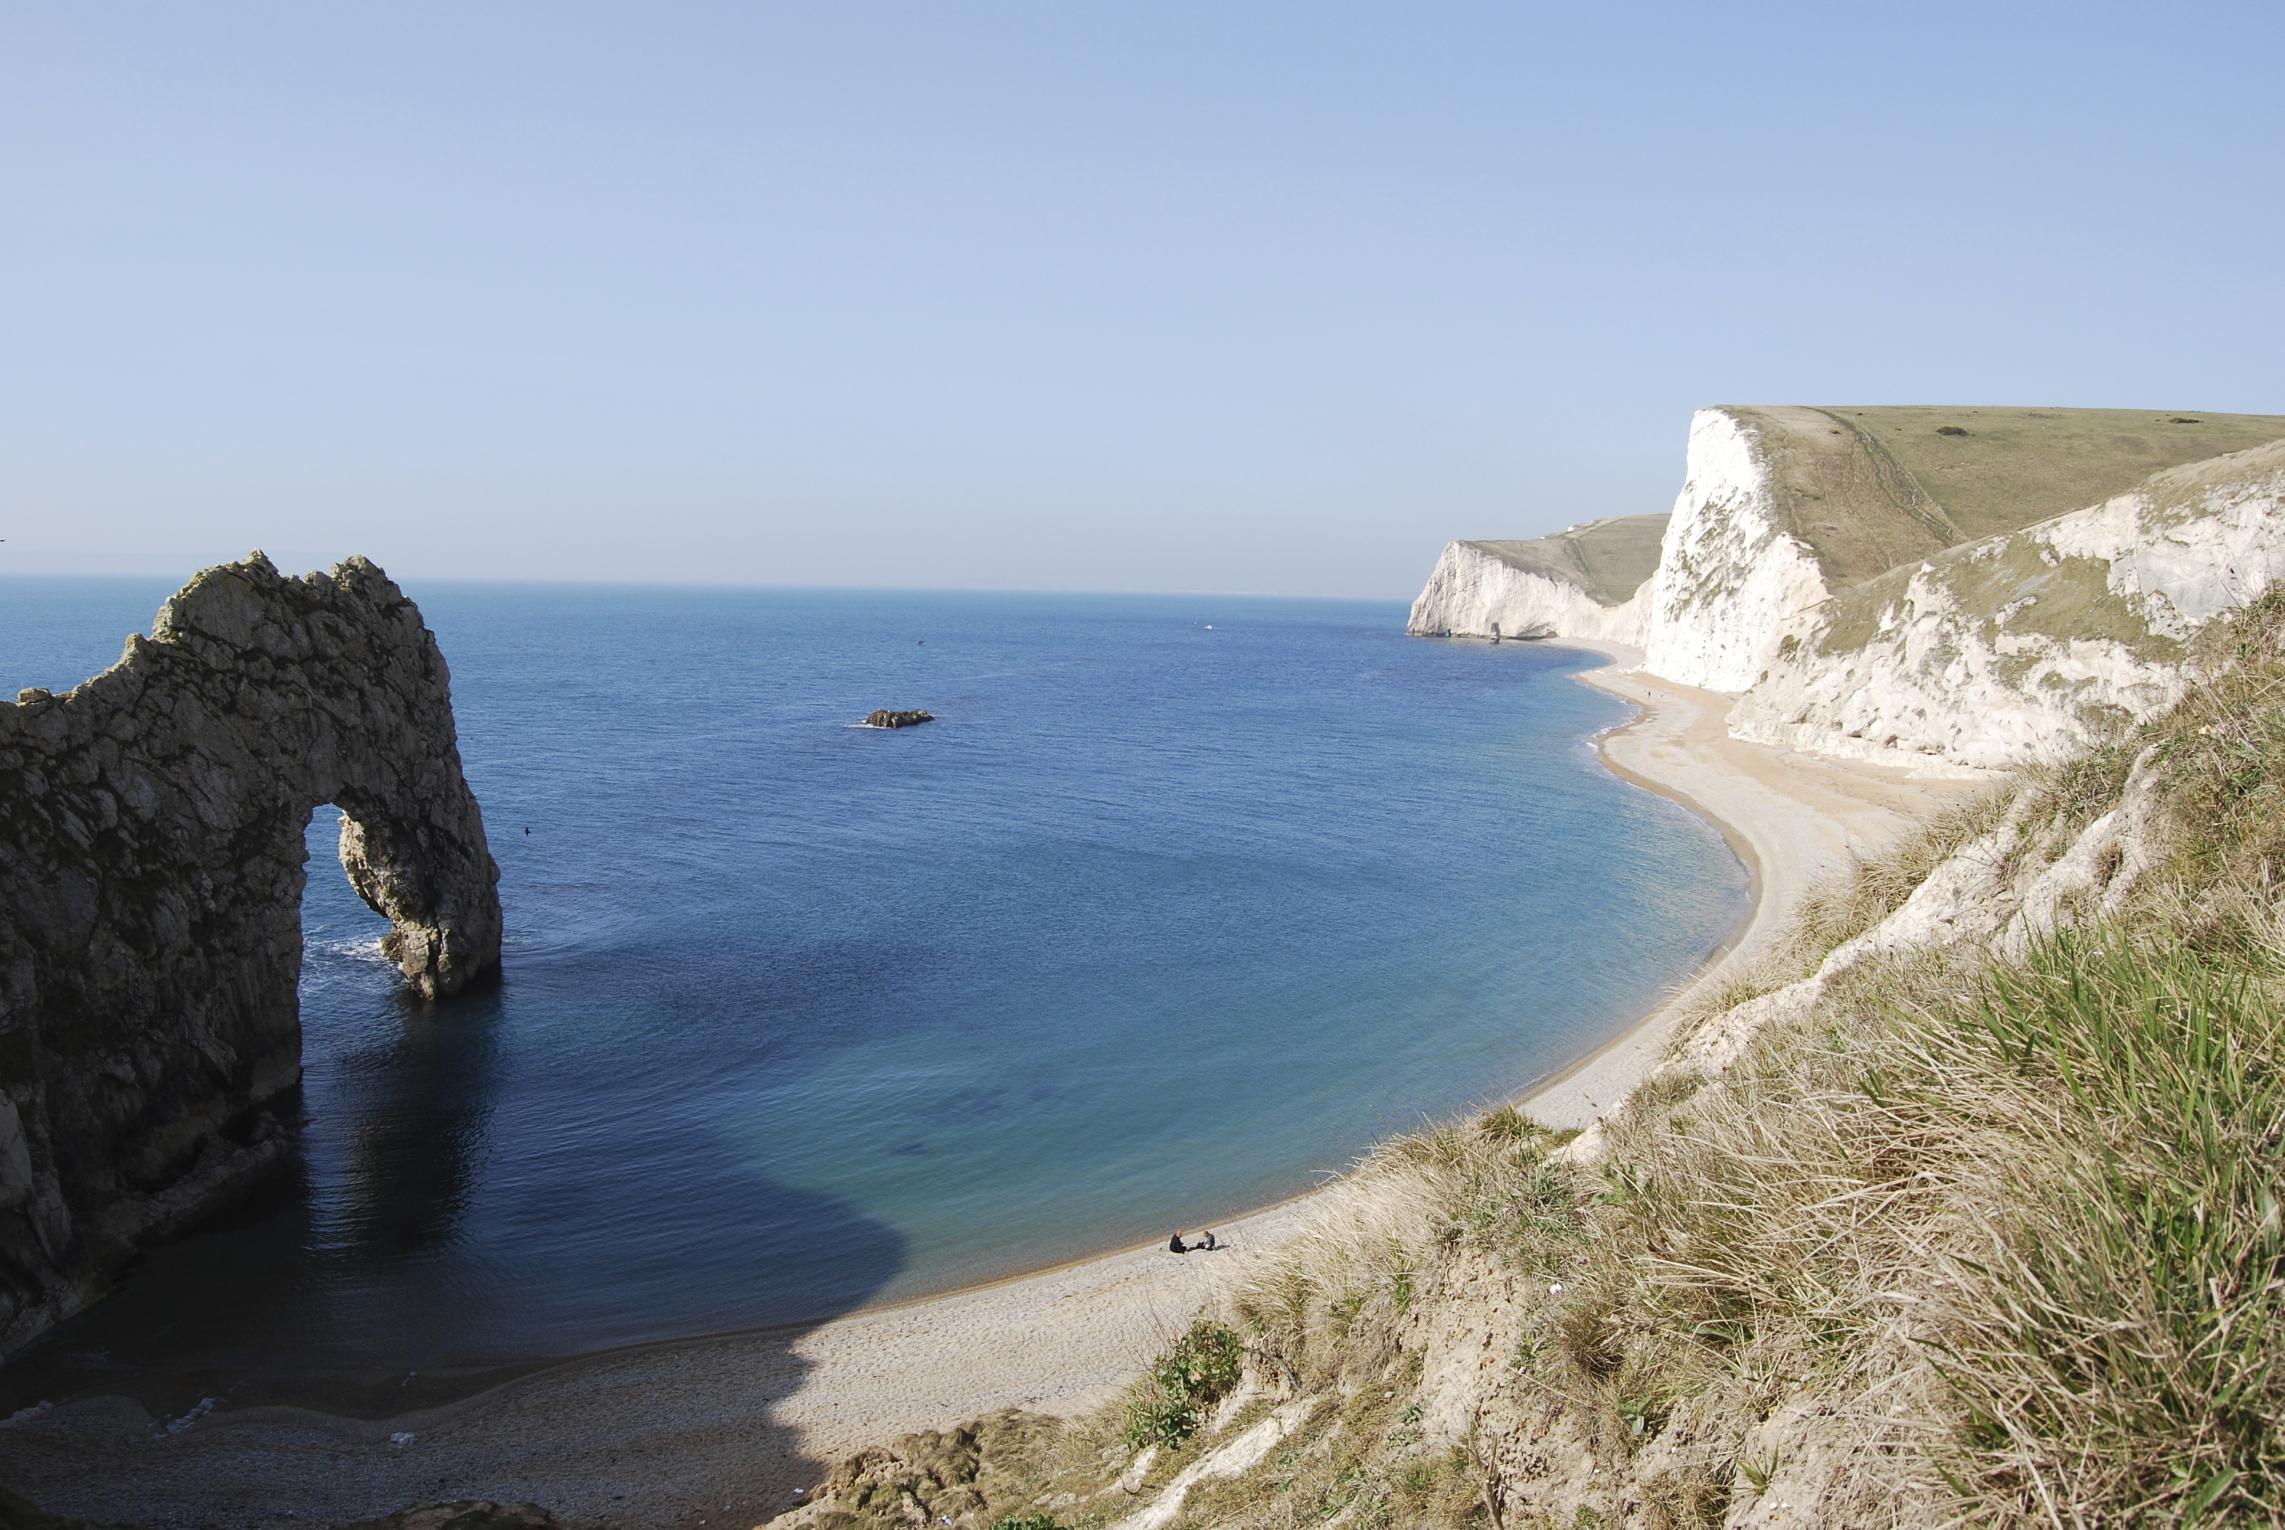 Falésias pelo mundo - Falésias Brancas de Dover, Reino Unido